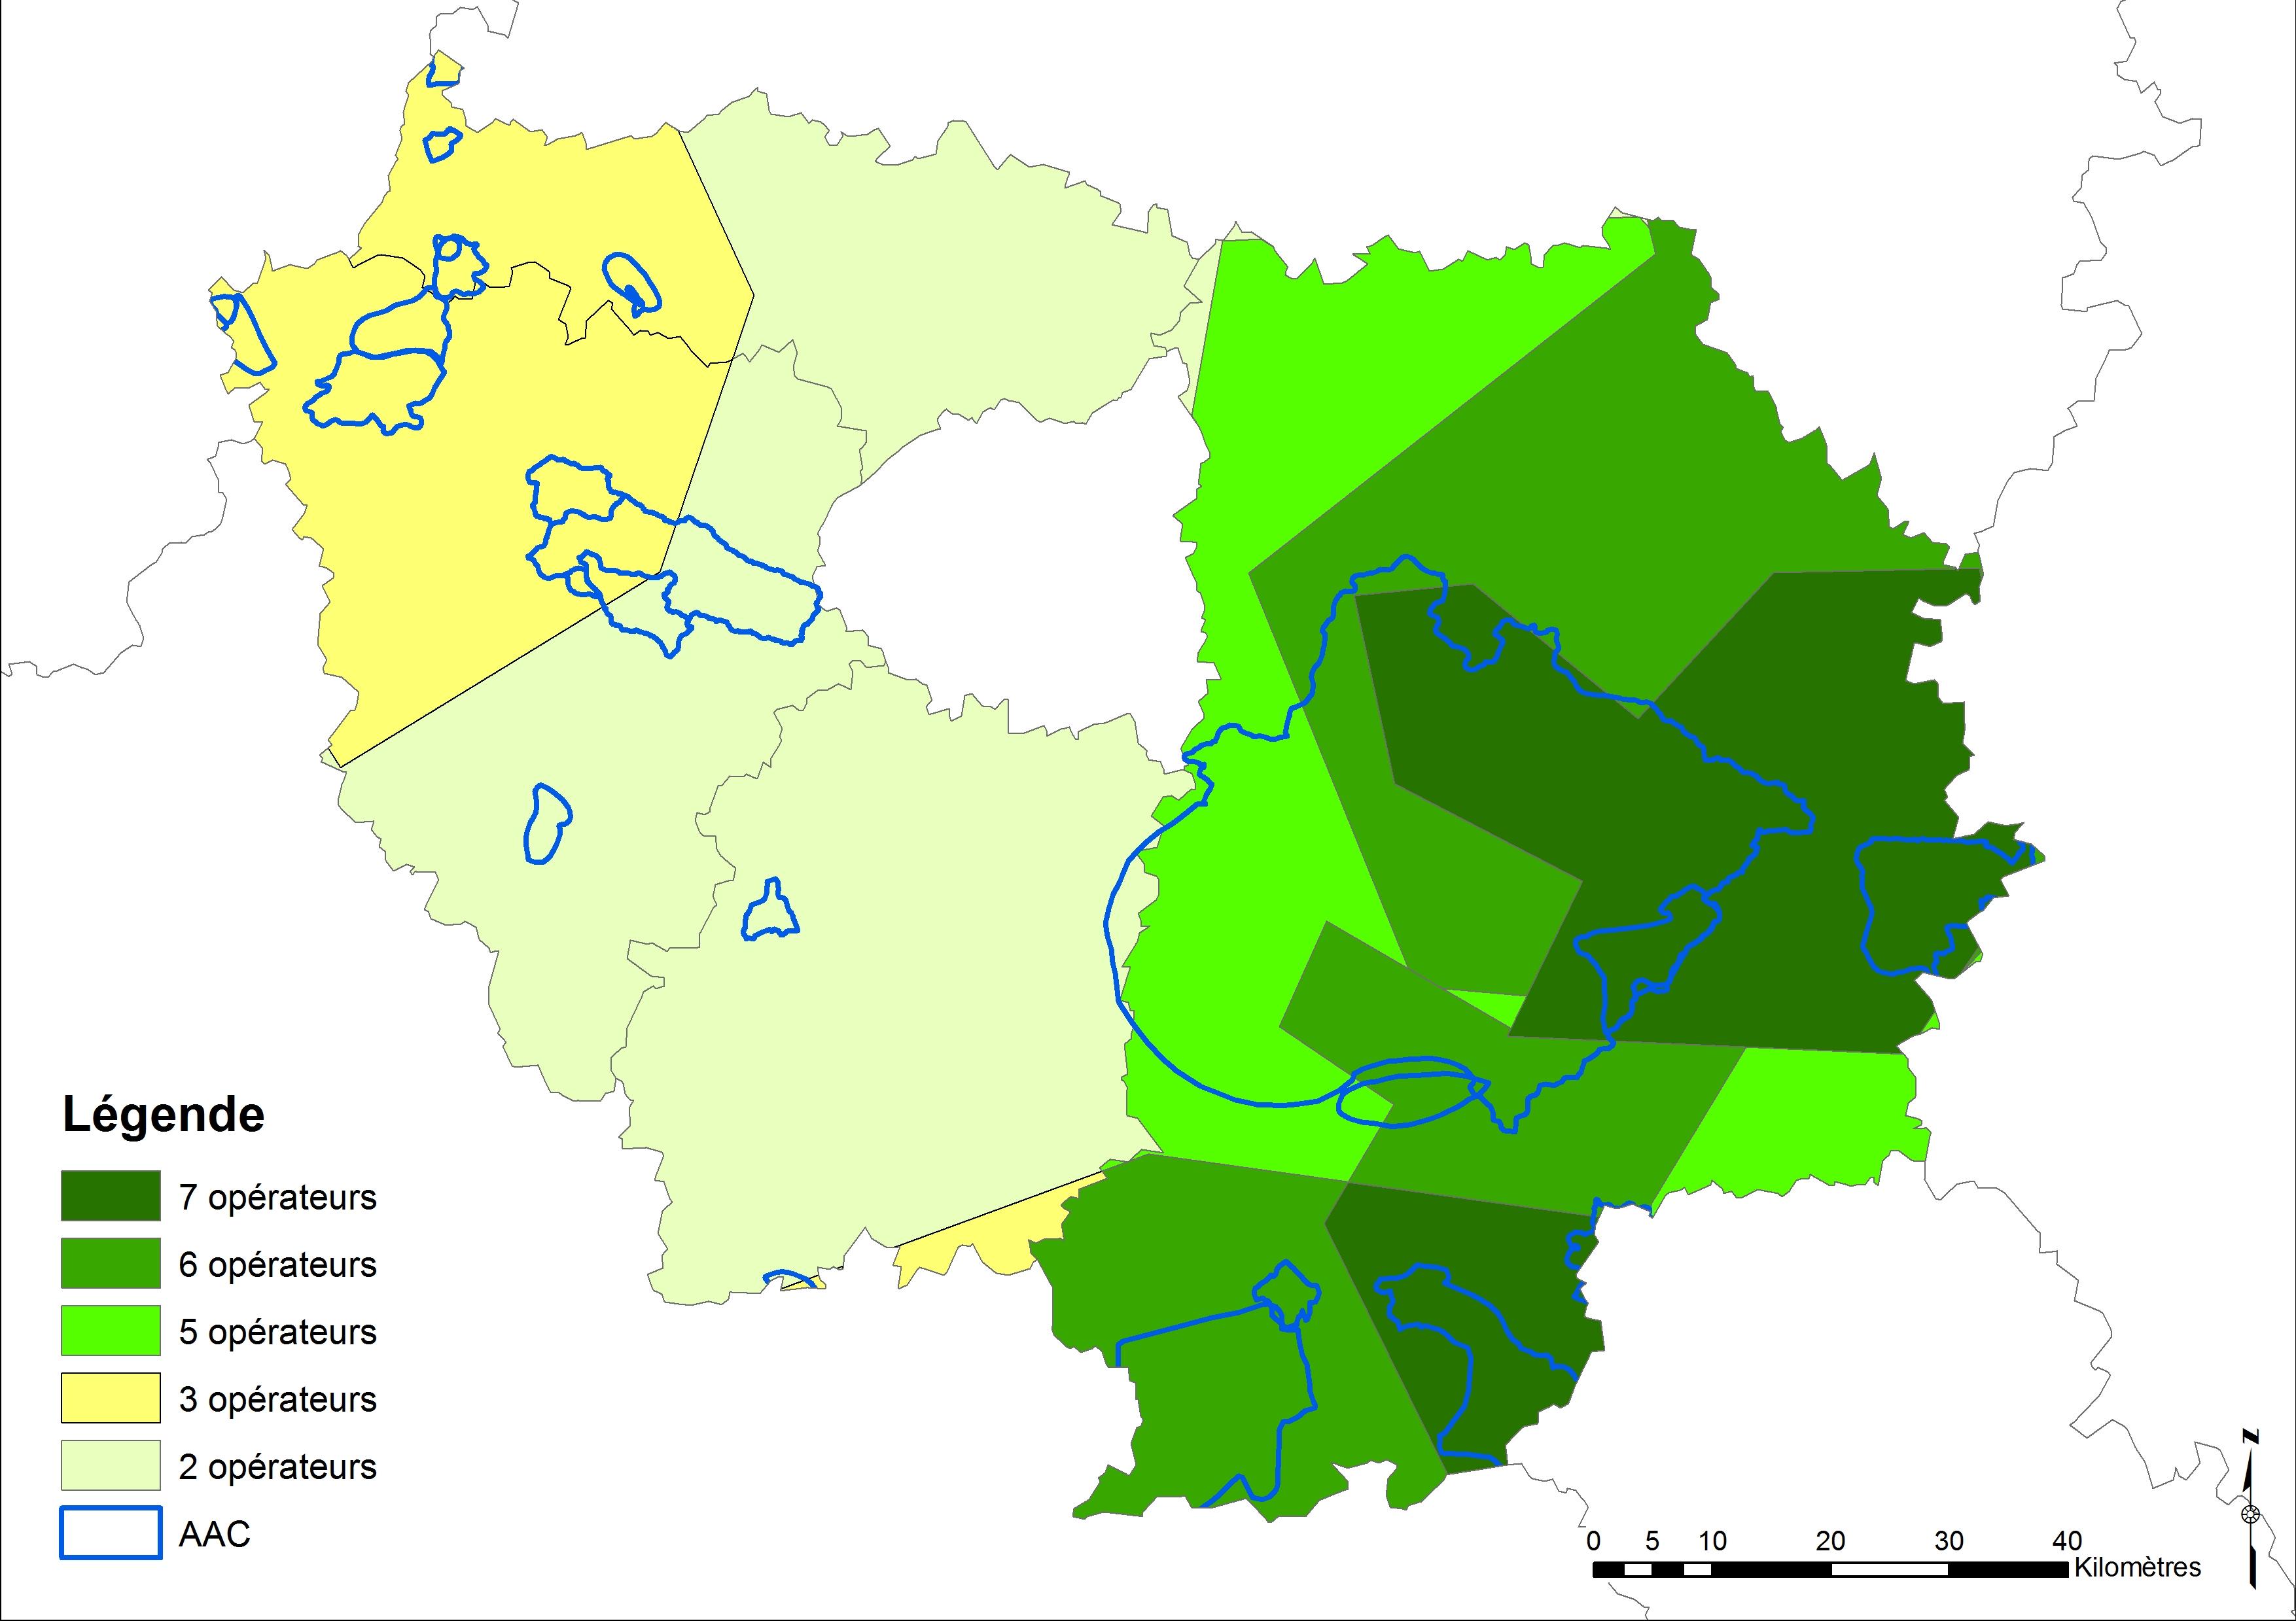 Agricole île-de-france